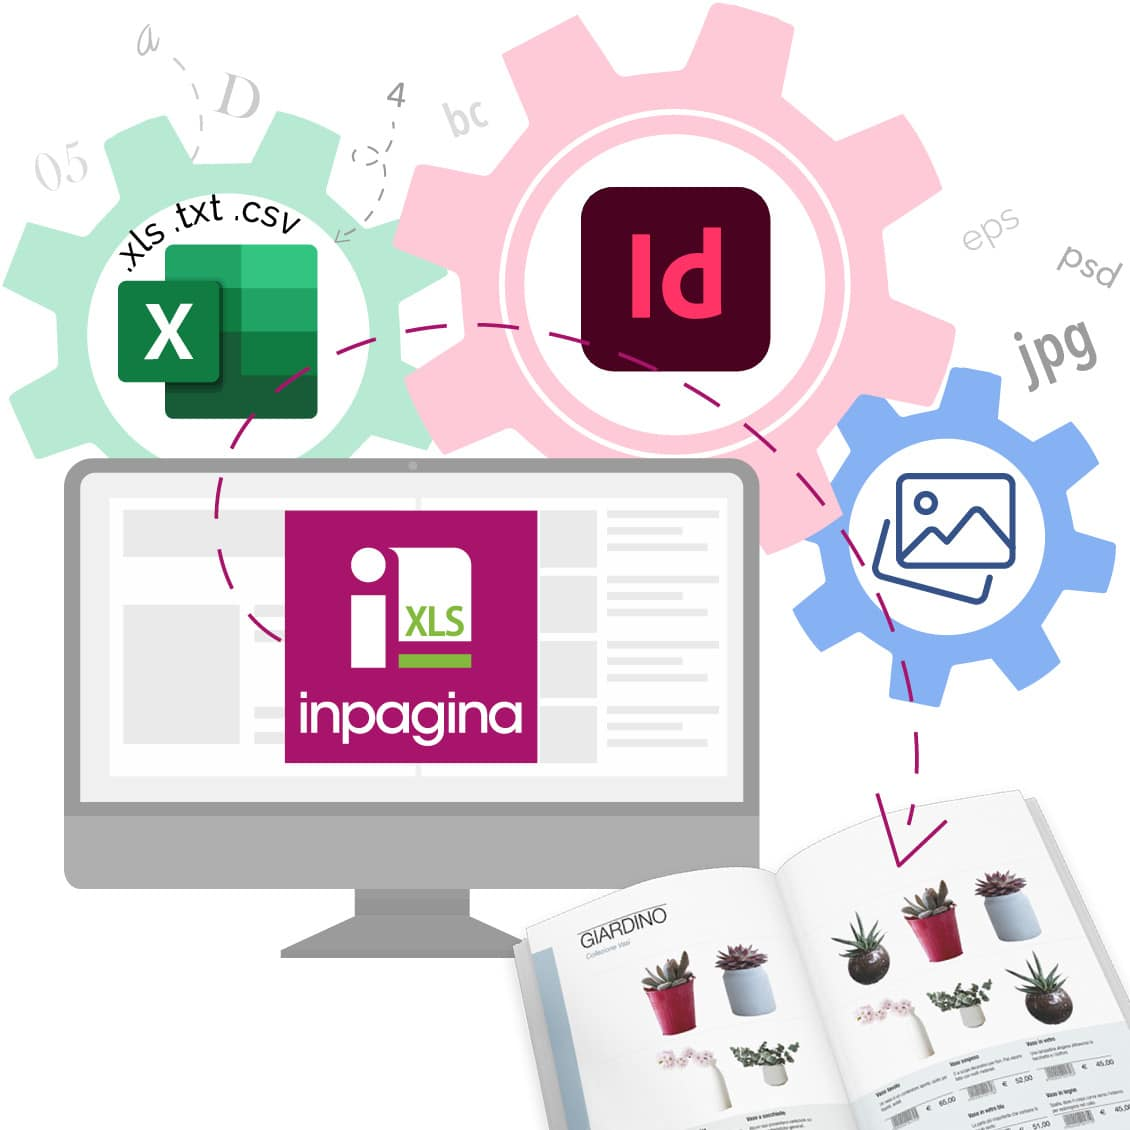 InPagina XLS - impaginazione automatica con InDesign e dati excel txt csv